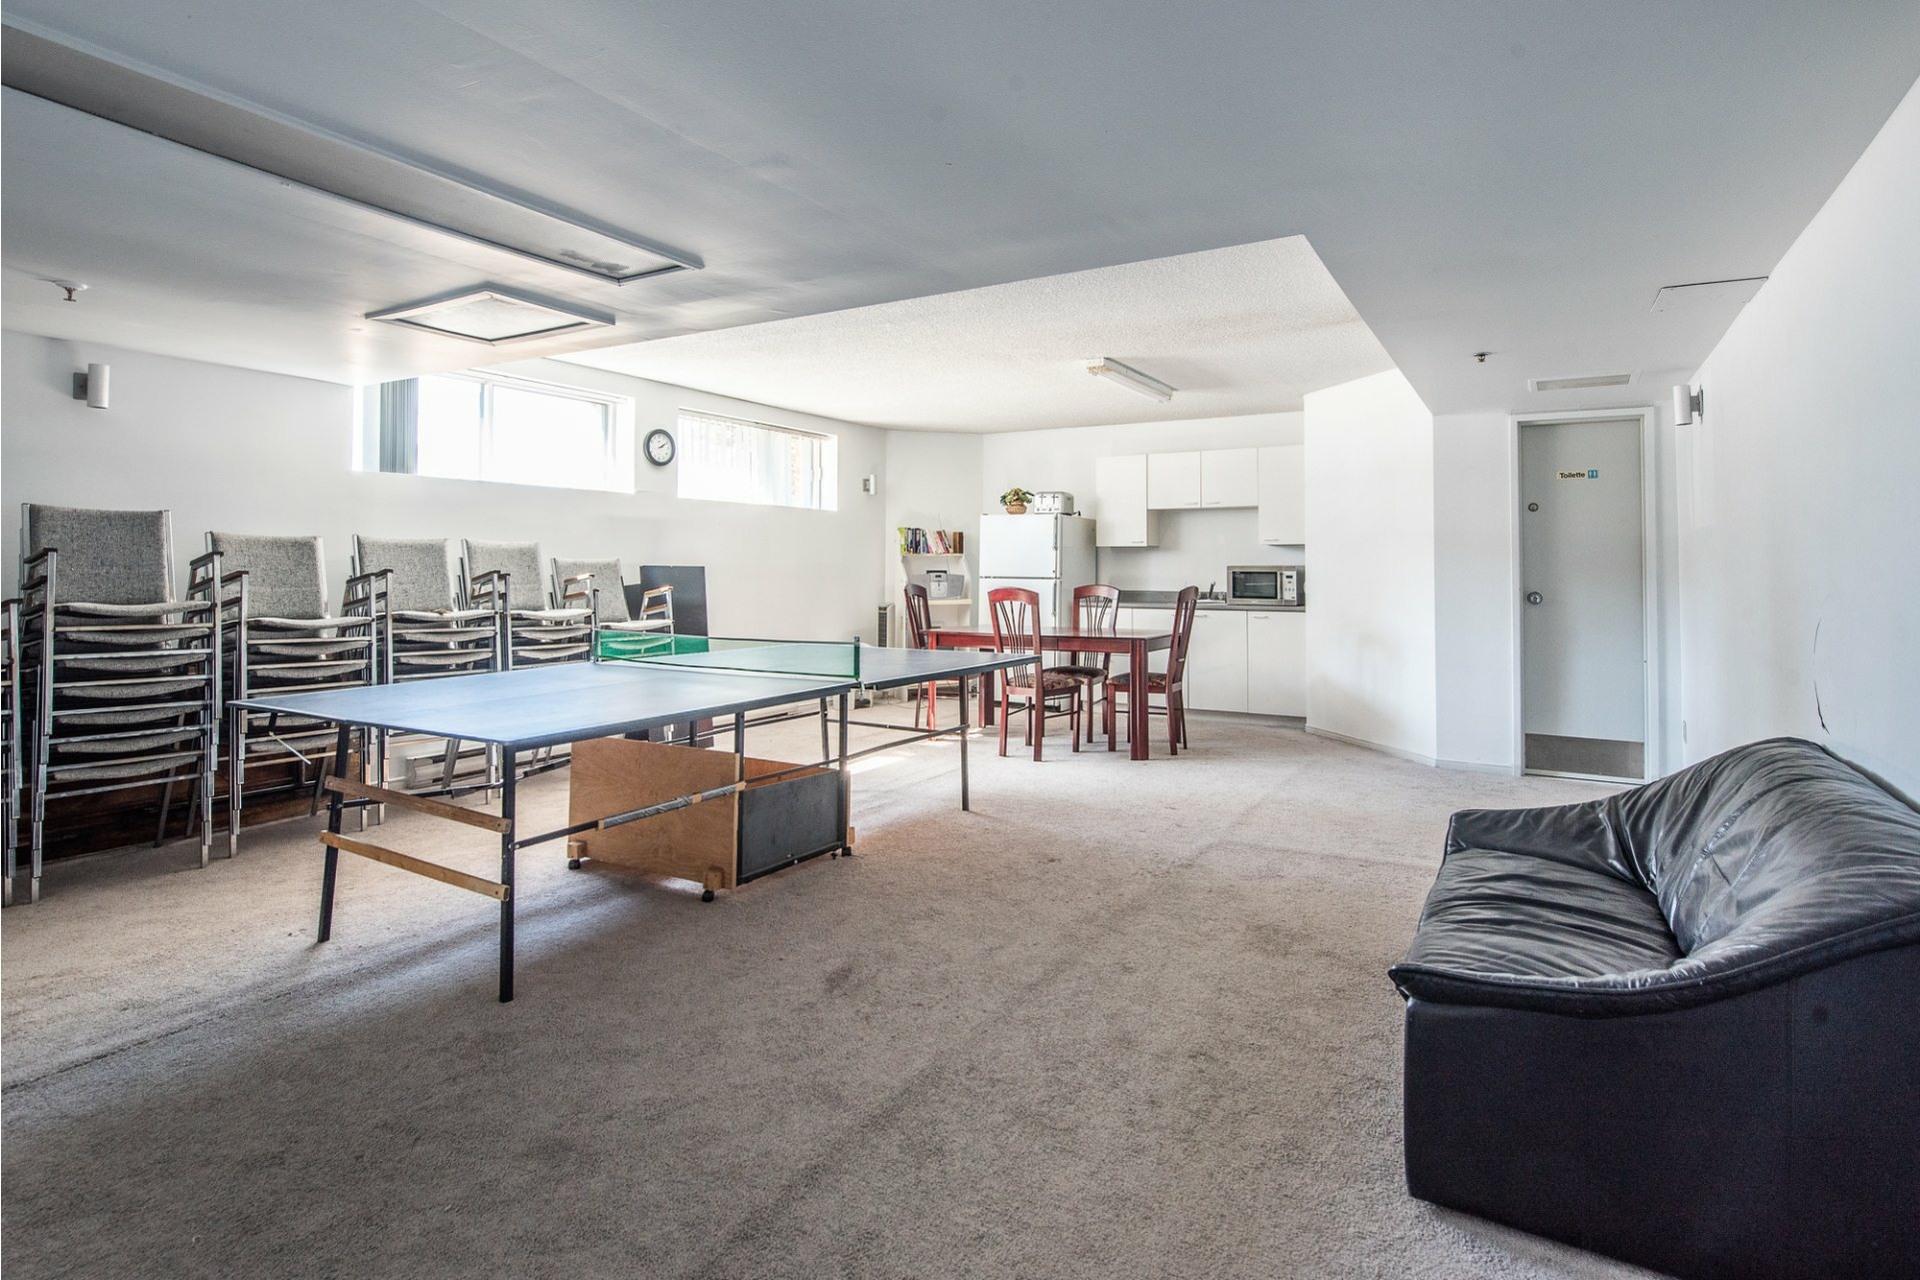 image 28 - Apartment For sale Montréal Saint-Laurent  - 5 rooms